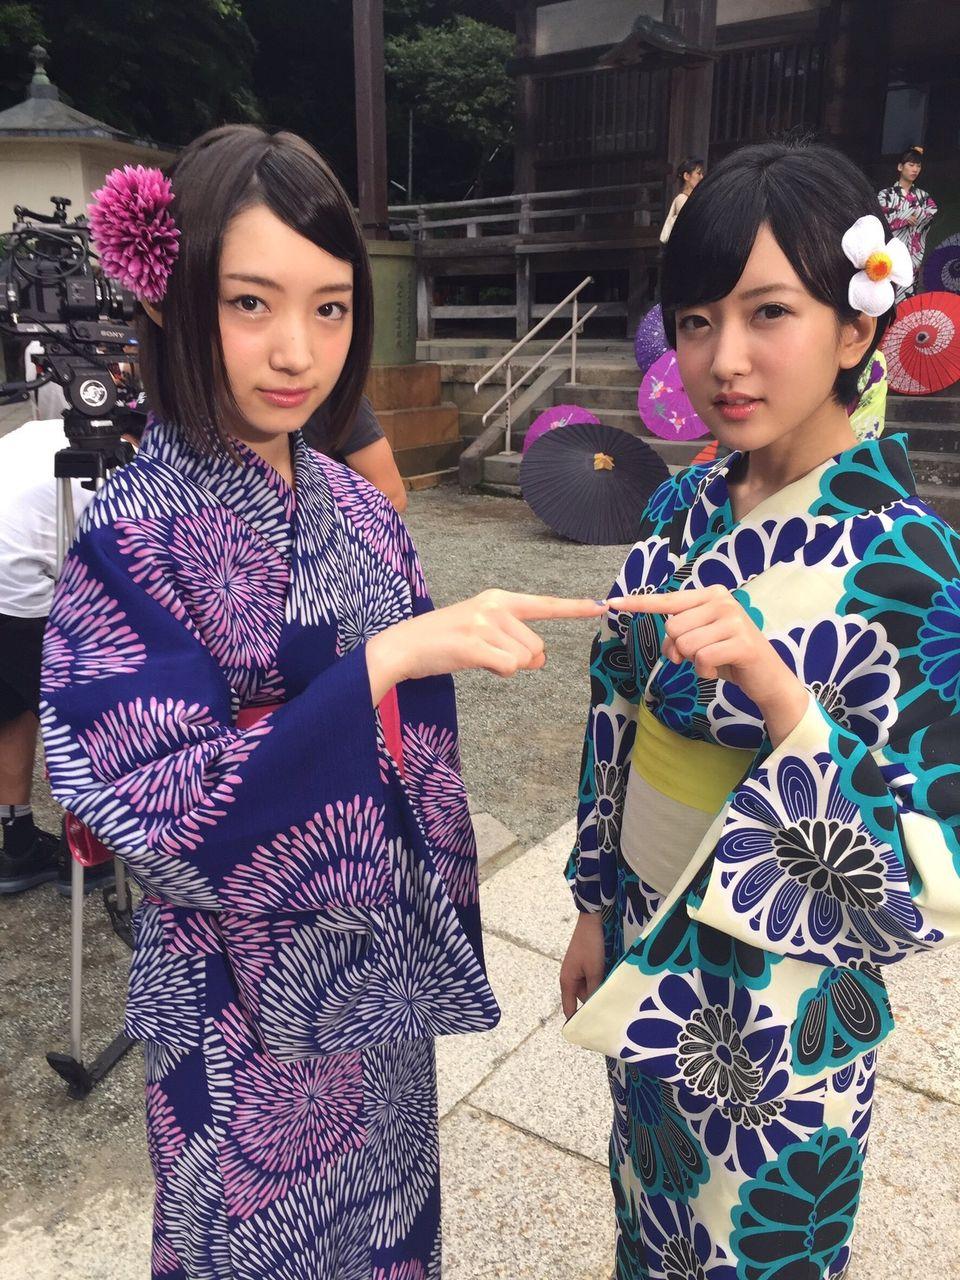 何でNMBは太田夢莉ちゃんをセンターにしないの?→ヲタの反応